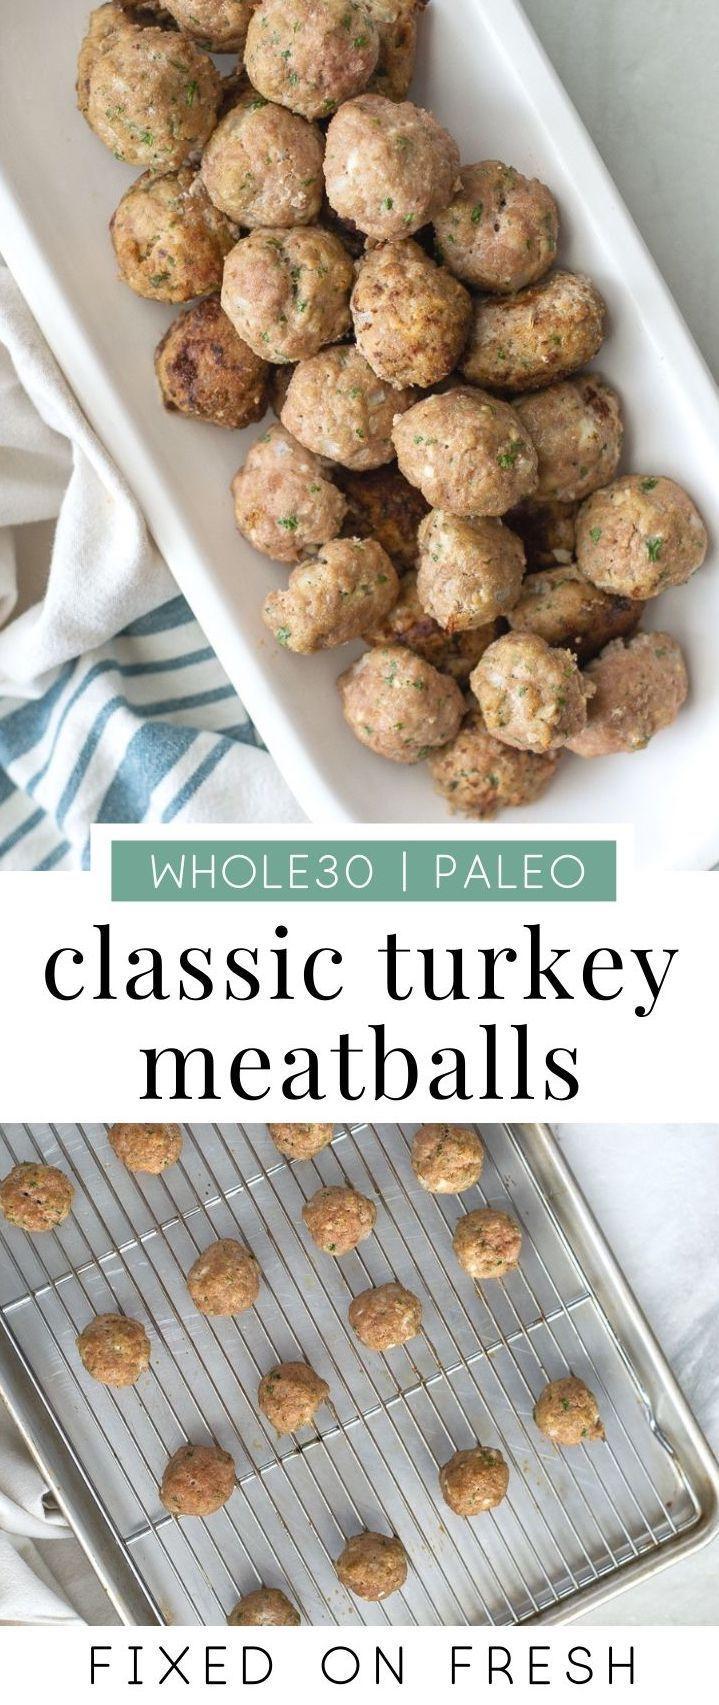 Whole30 Turkey Meatballs - FIXED on FRESH